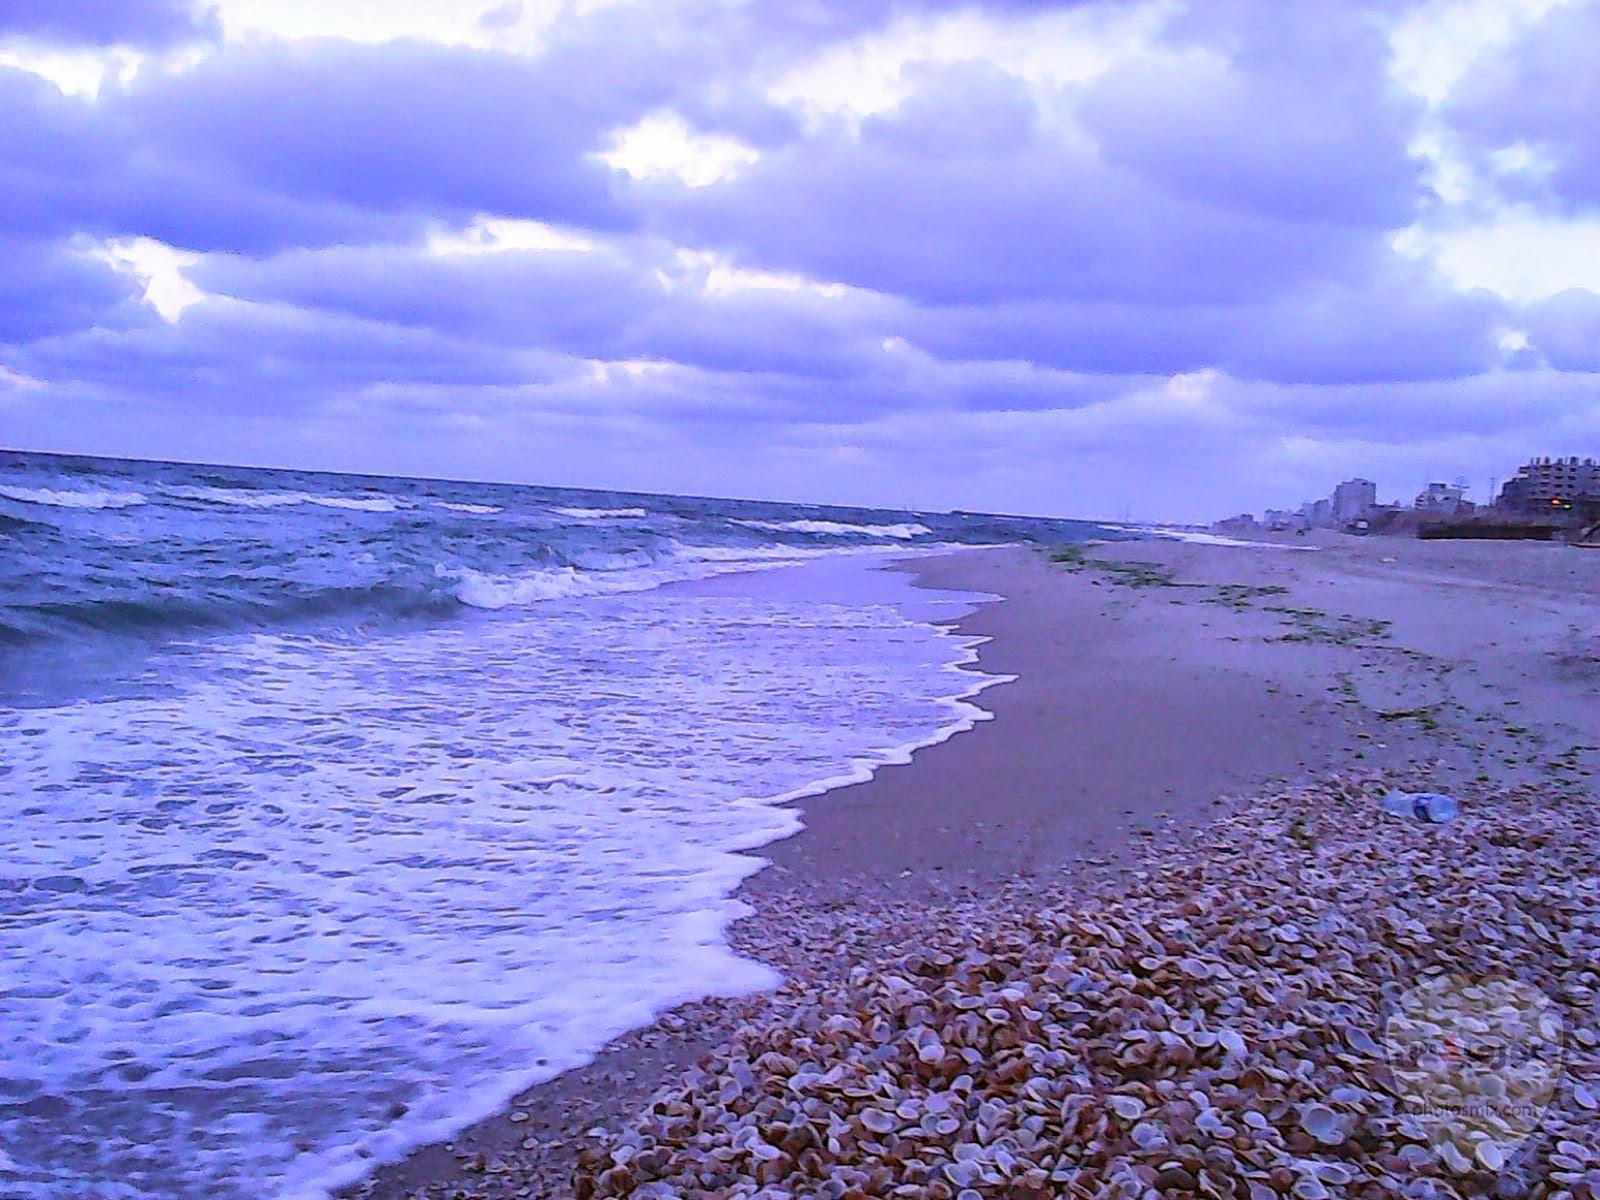 صور بحر وشواطئ HD اجمل خلفيات بحار وشواطئ في العالم 6